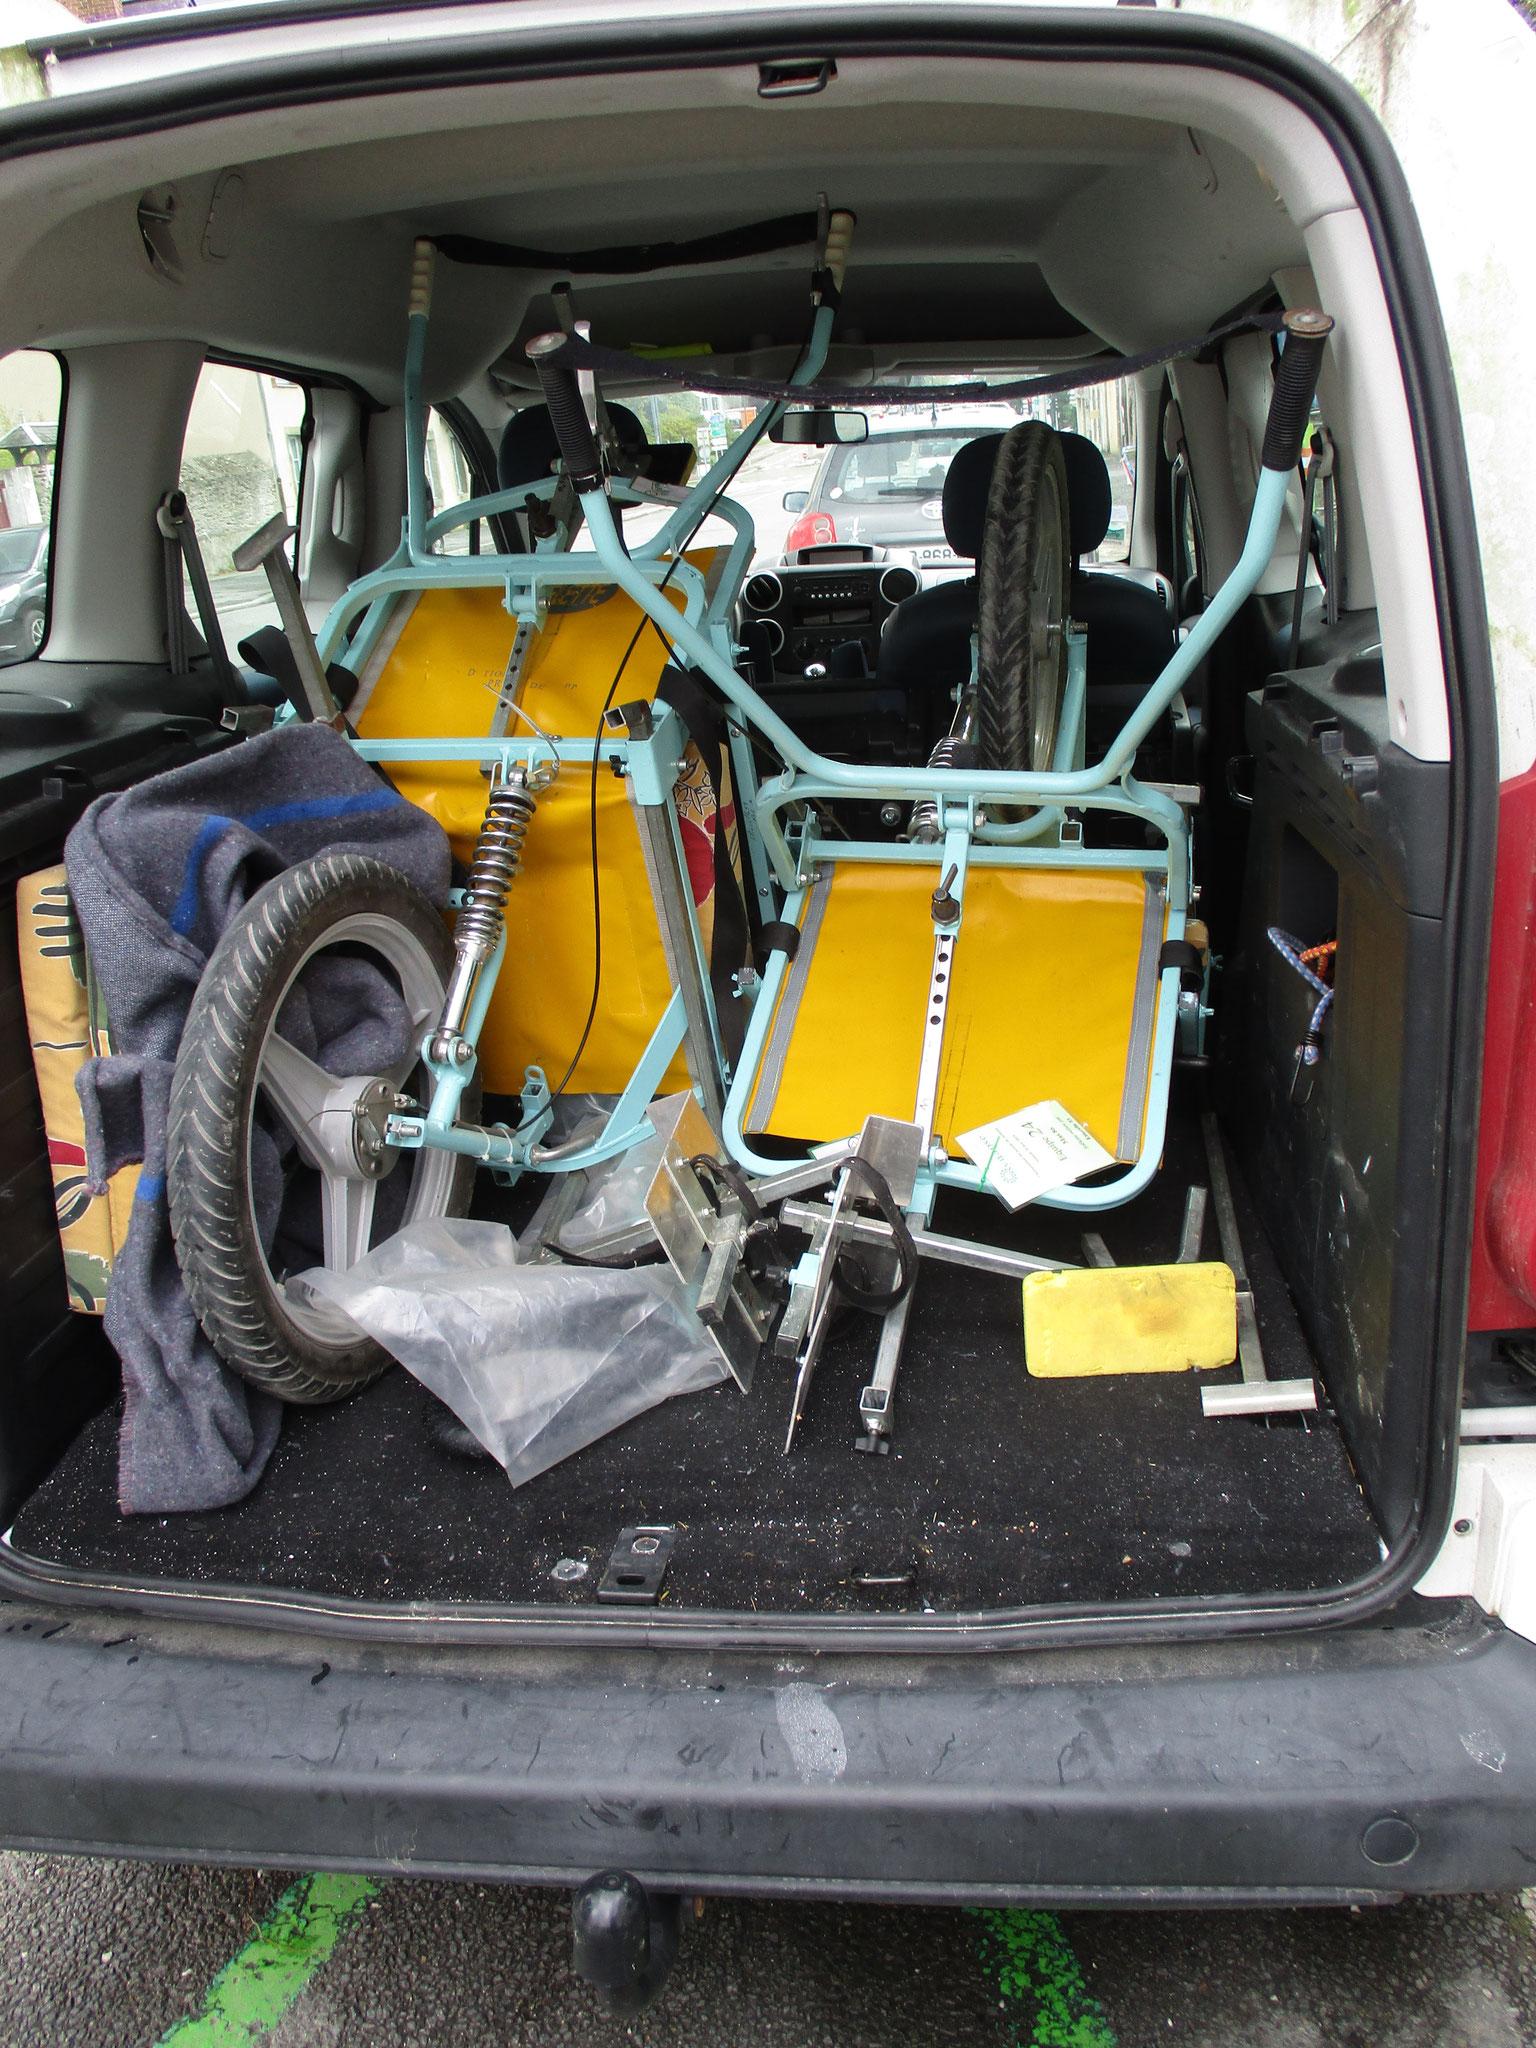 """2 Joëlettes (non pliées) dans un véhicule type """"Kangoo"""" vue de l'arrière du véhicule"""